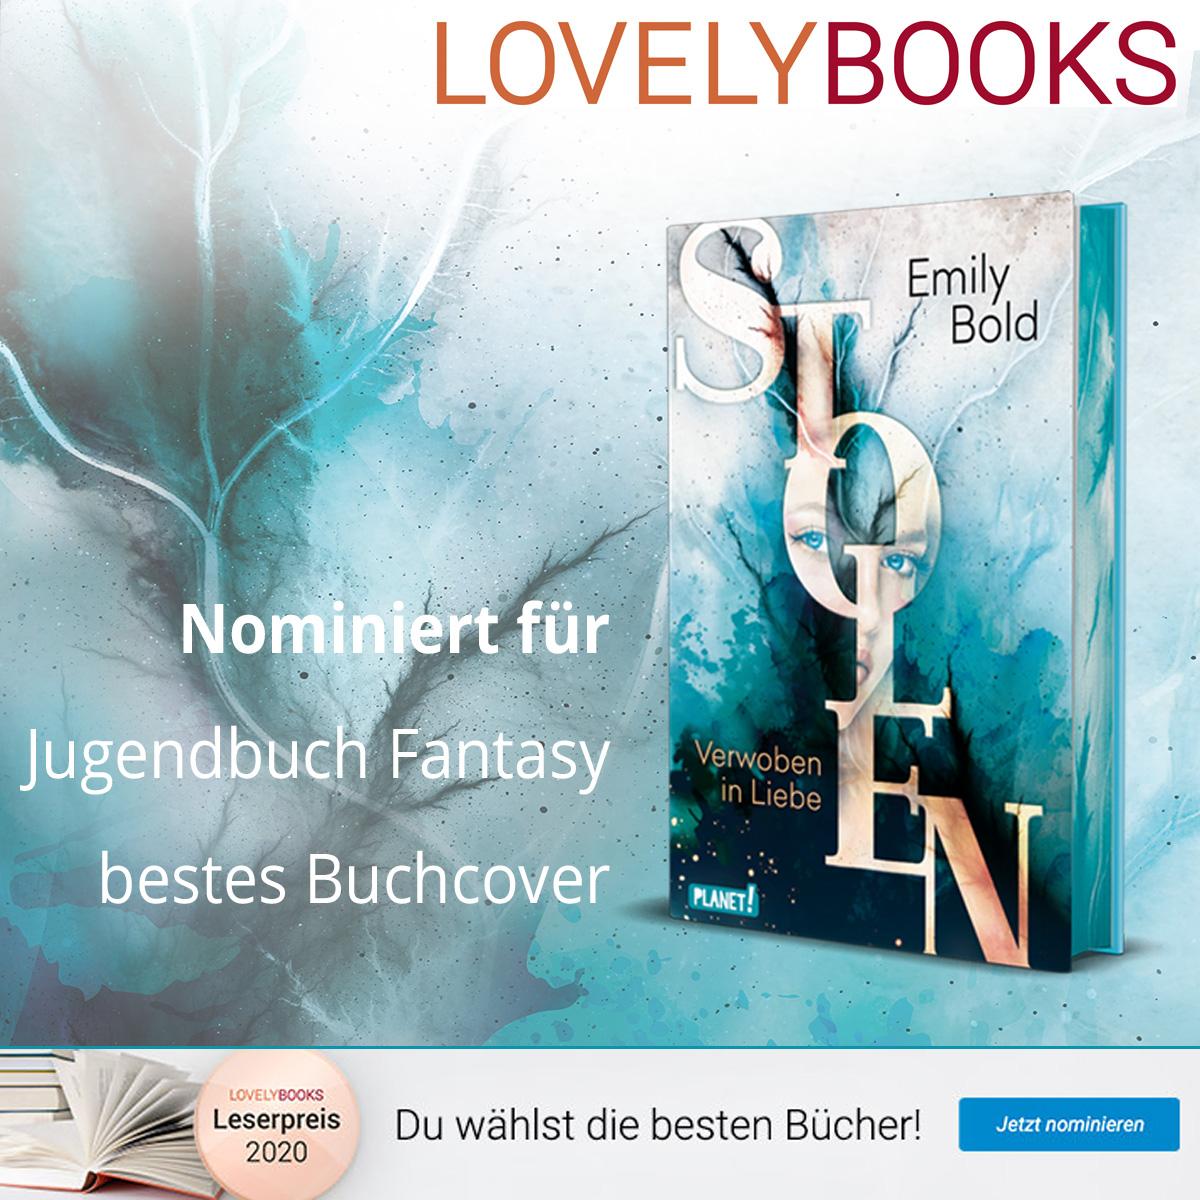 Nominierung Lovelybooks 2020